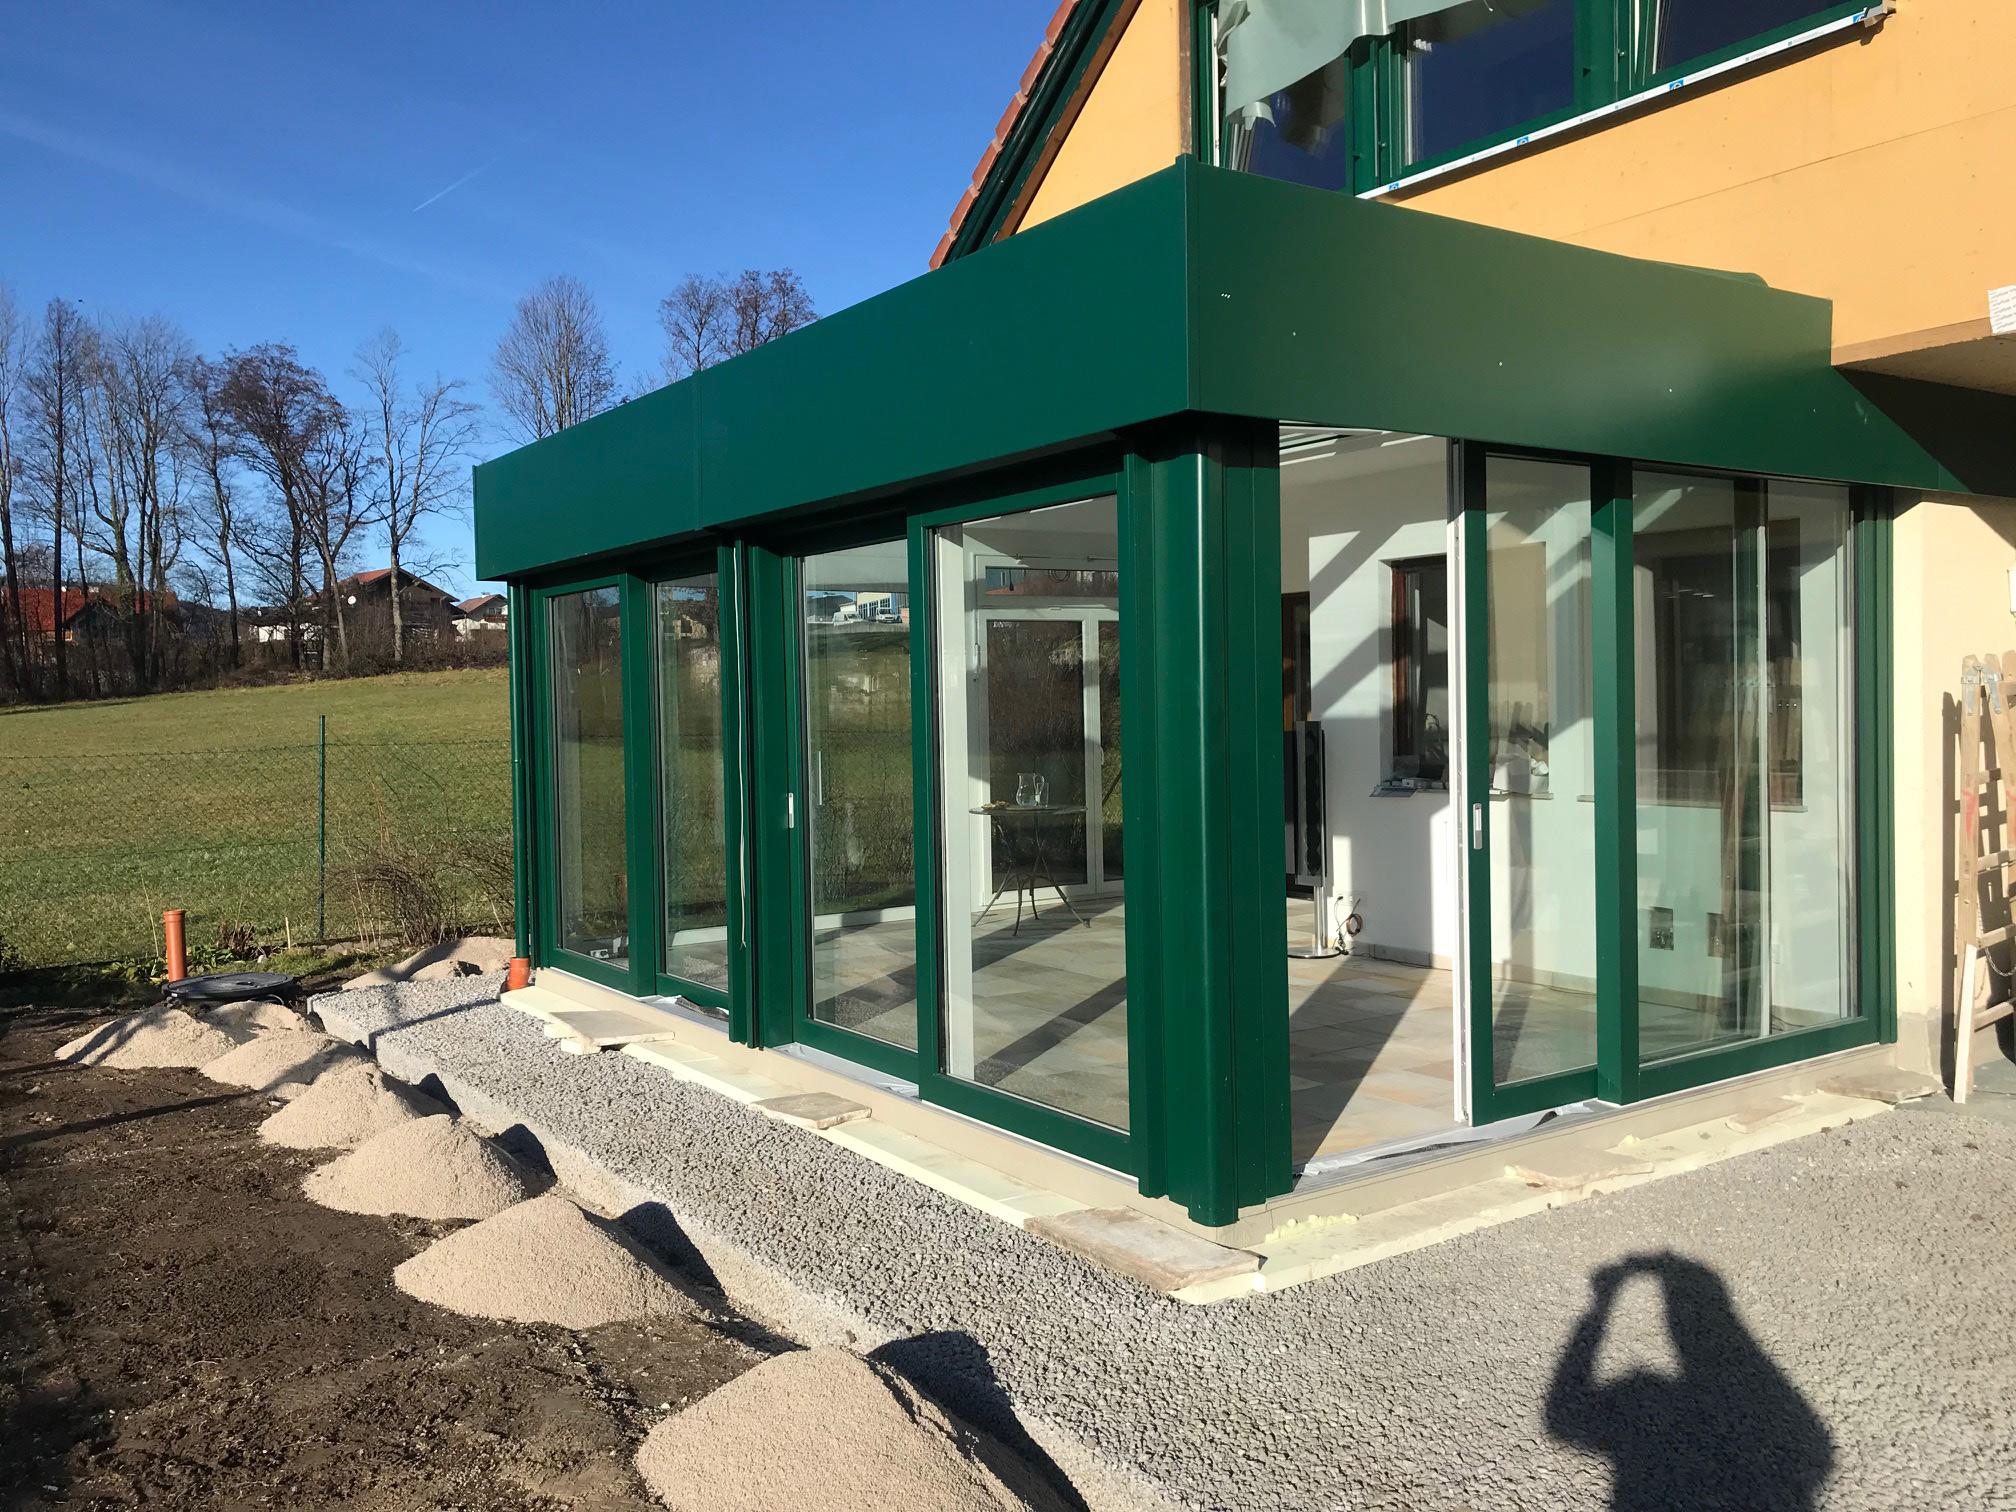 Wintergarten in moosgrün - Montageort Mondsee / OÖ